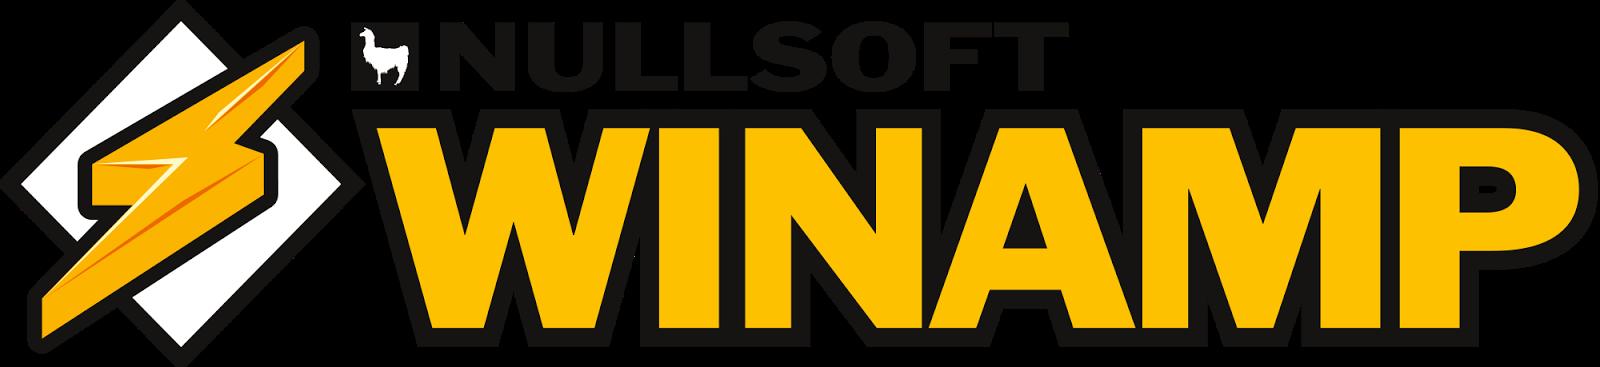 Nullsoft Winamp(ヌルソフト・ウィンアンプ)ロゴイメージ